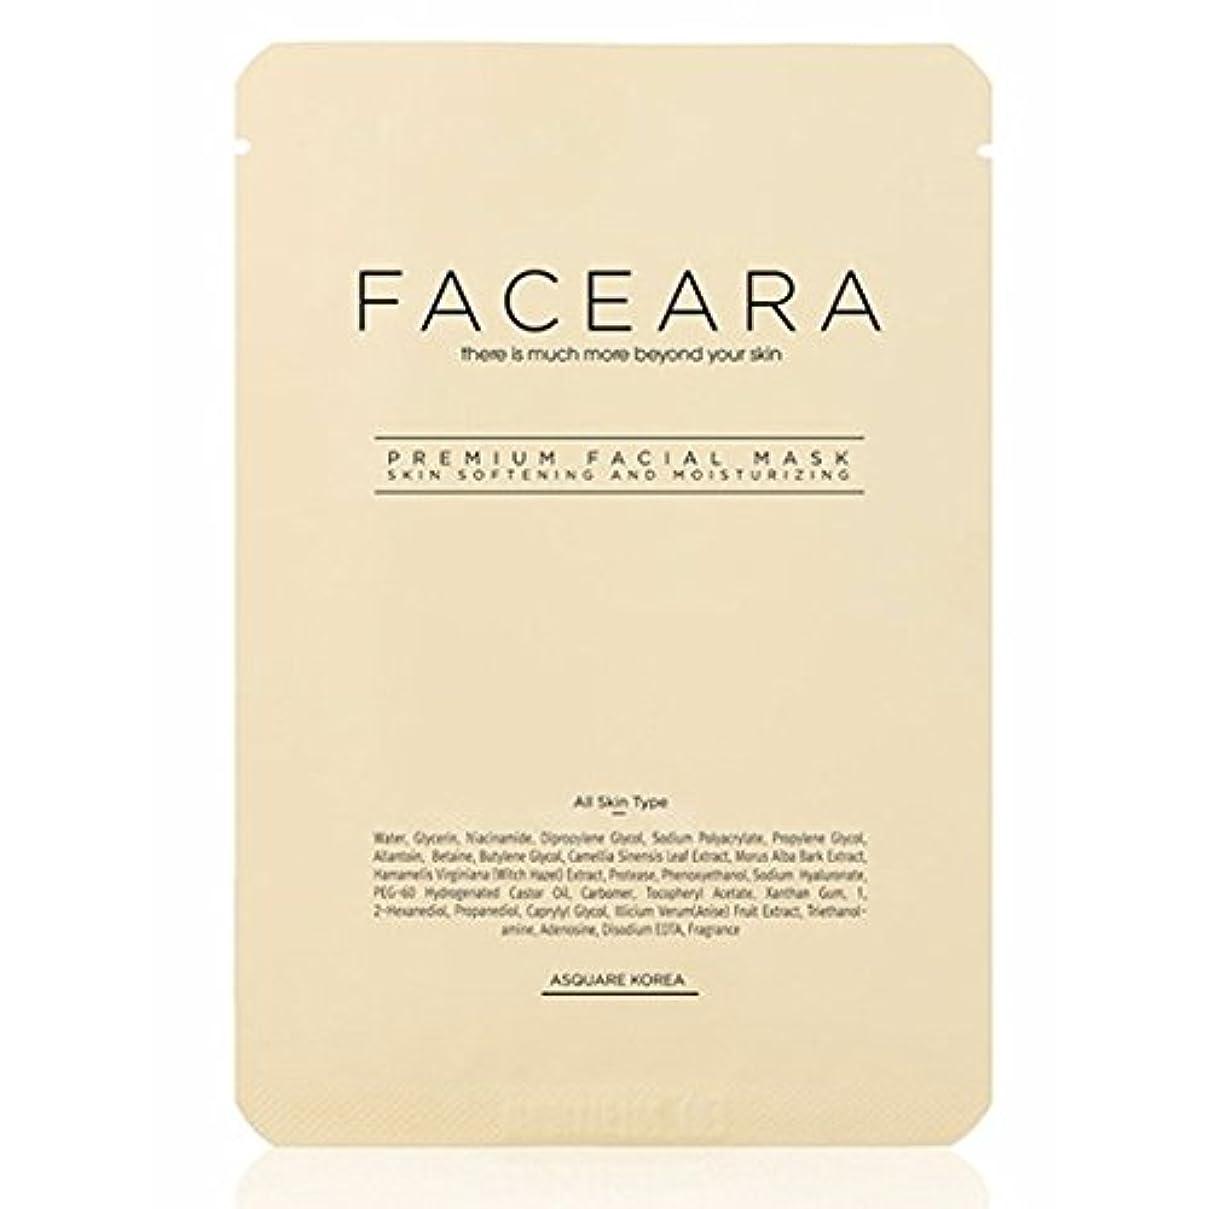 不名誉なラウンジ悲鳴[並行輸入品] FACEARA スクラブ&スーパーモイスチャライザー用プレミアムフェイシャルマスクシート25g 5本セット / FACEARA Premium Facial Mask Sheet for Scrub &...